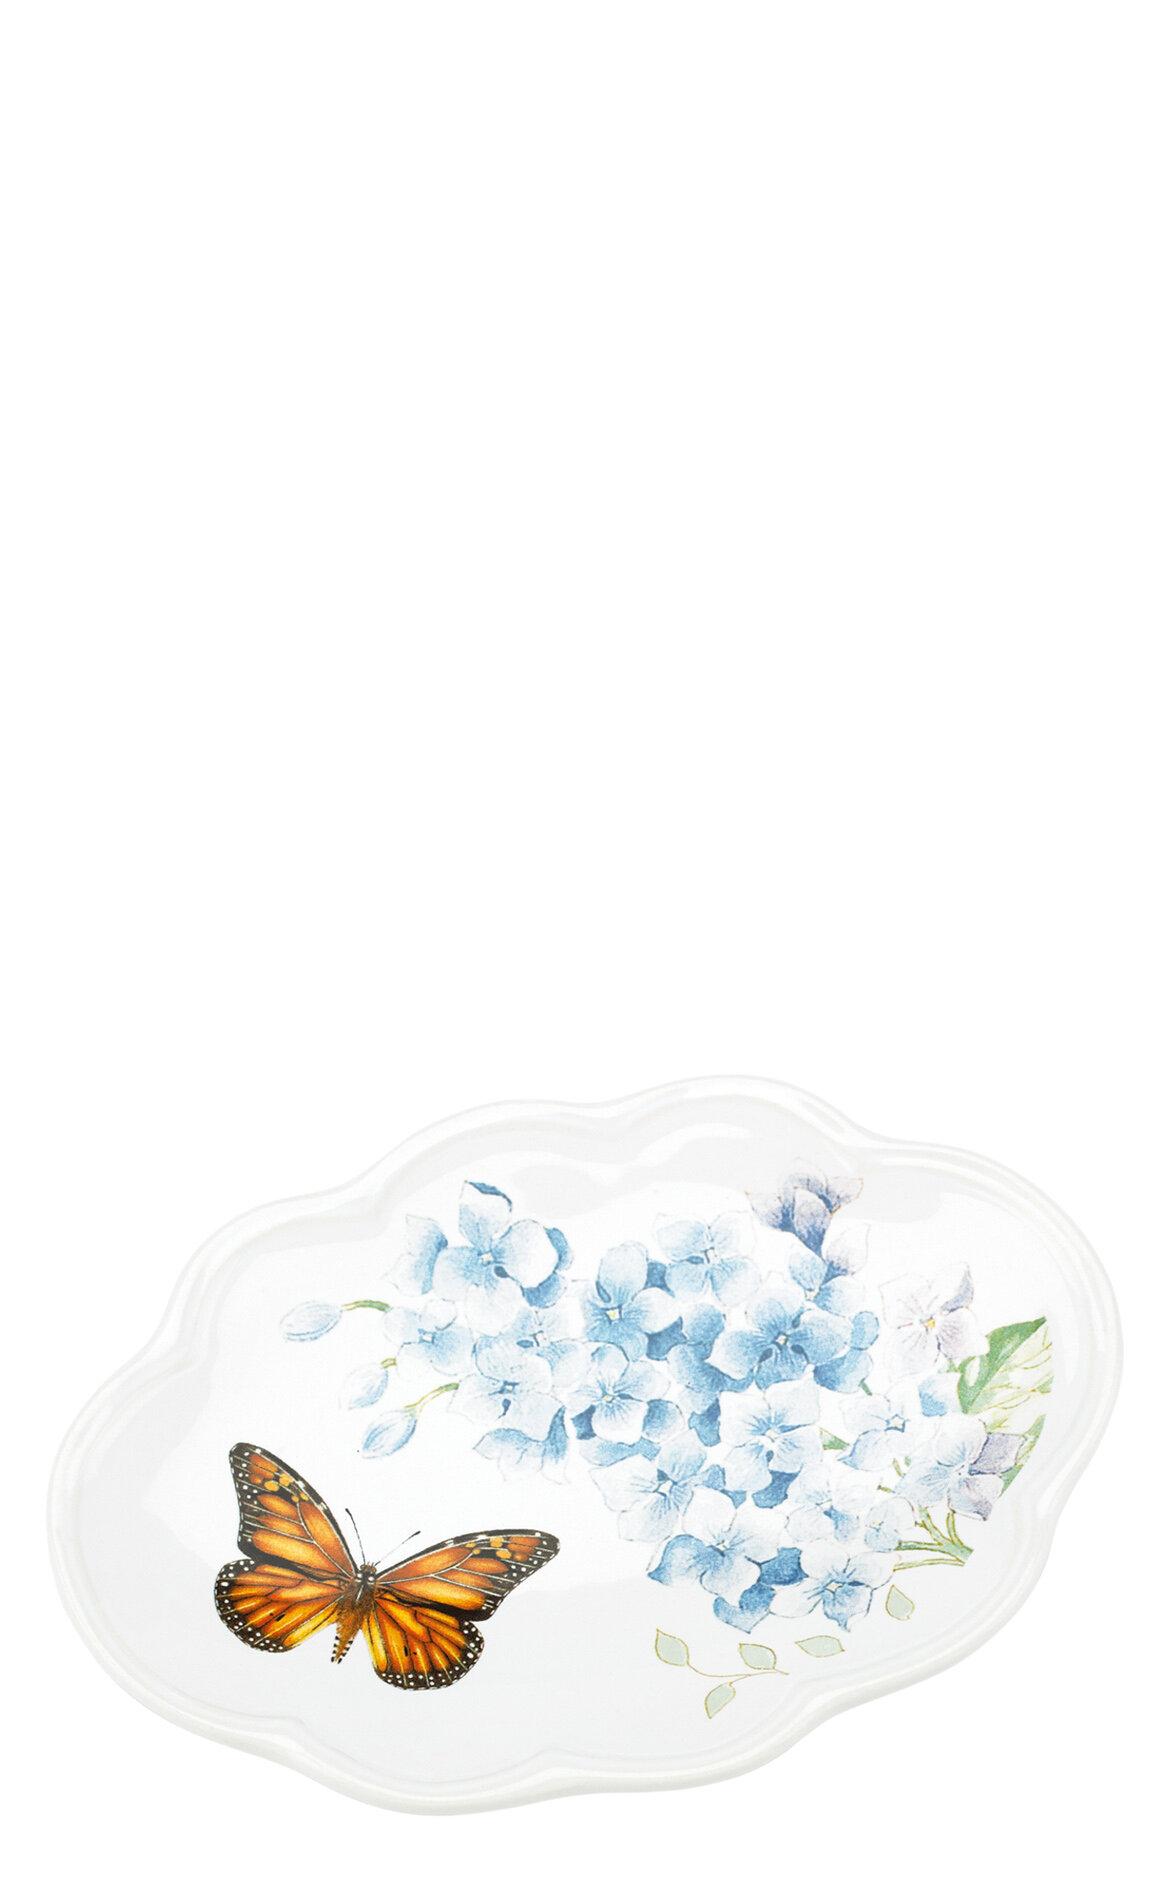 Lenox-Lenox Butterfly Mea Sabunluk - Blue